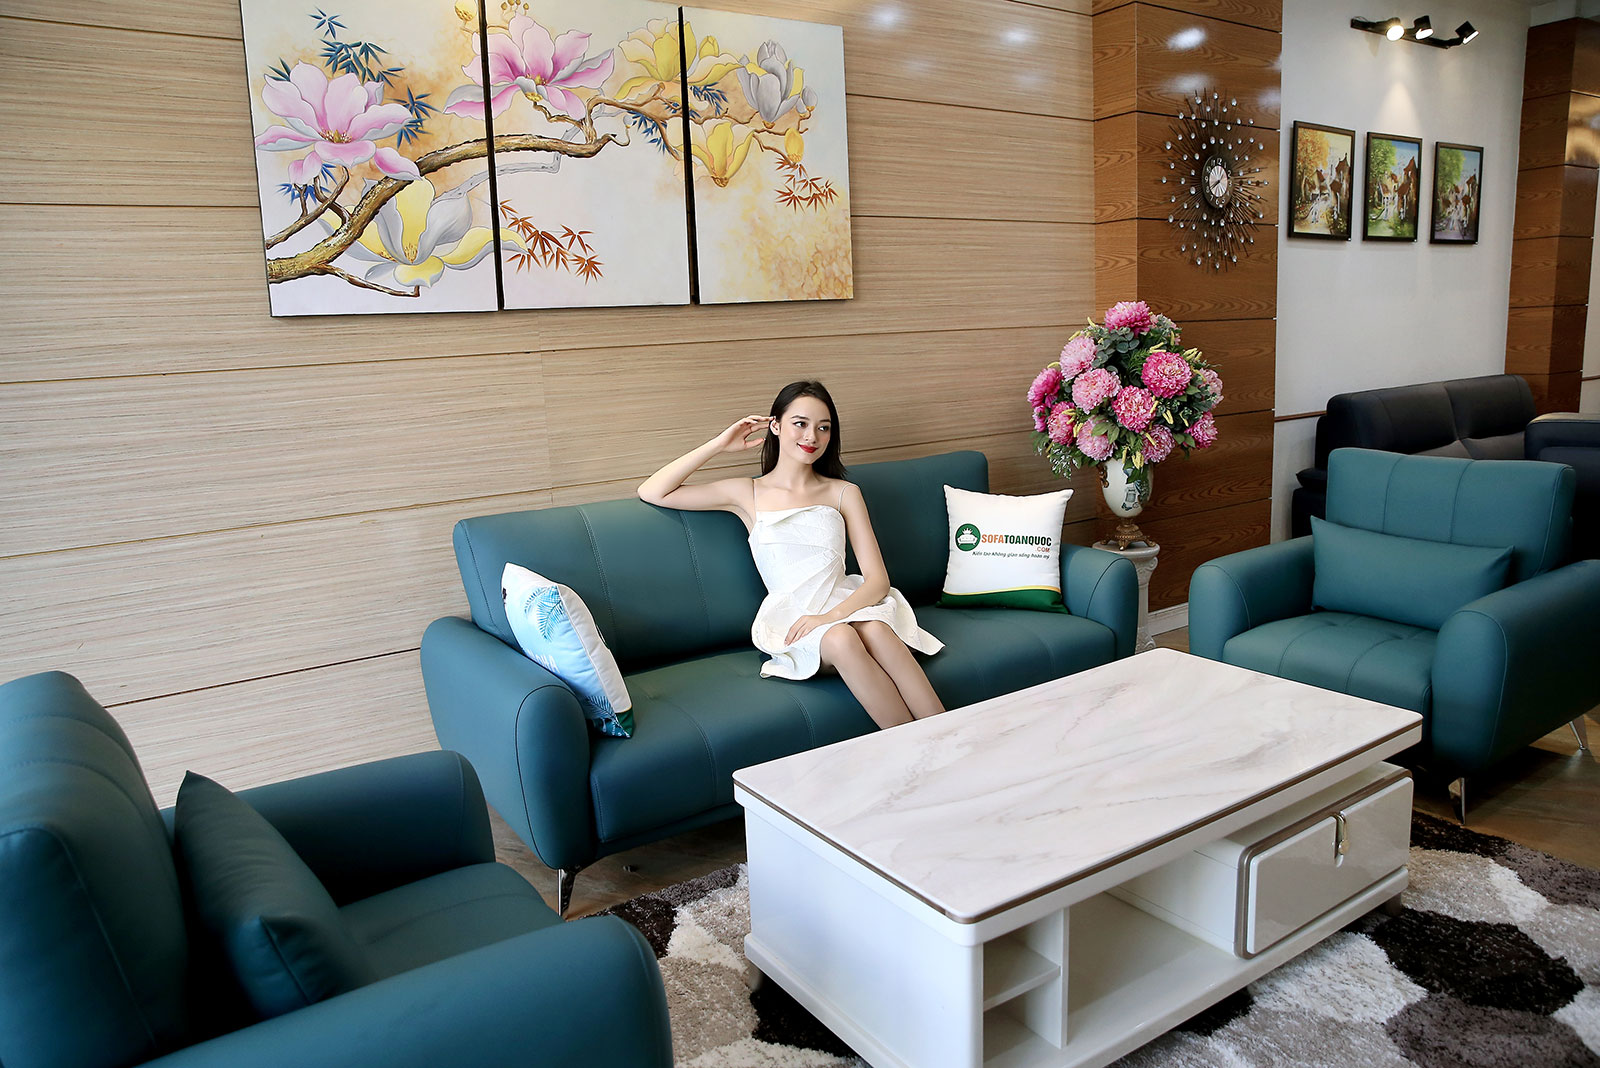 Bộ bàn ghế phòng khách gồm 2 đơn và 1 ghế văng màu xanh cổ vịt M20-2